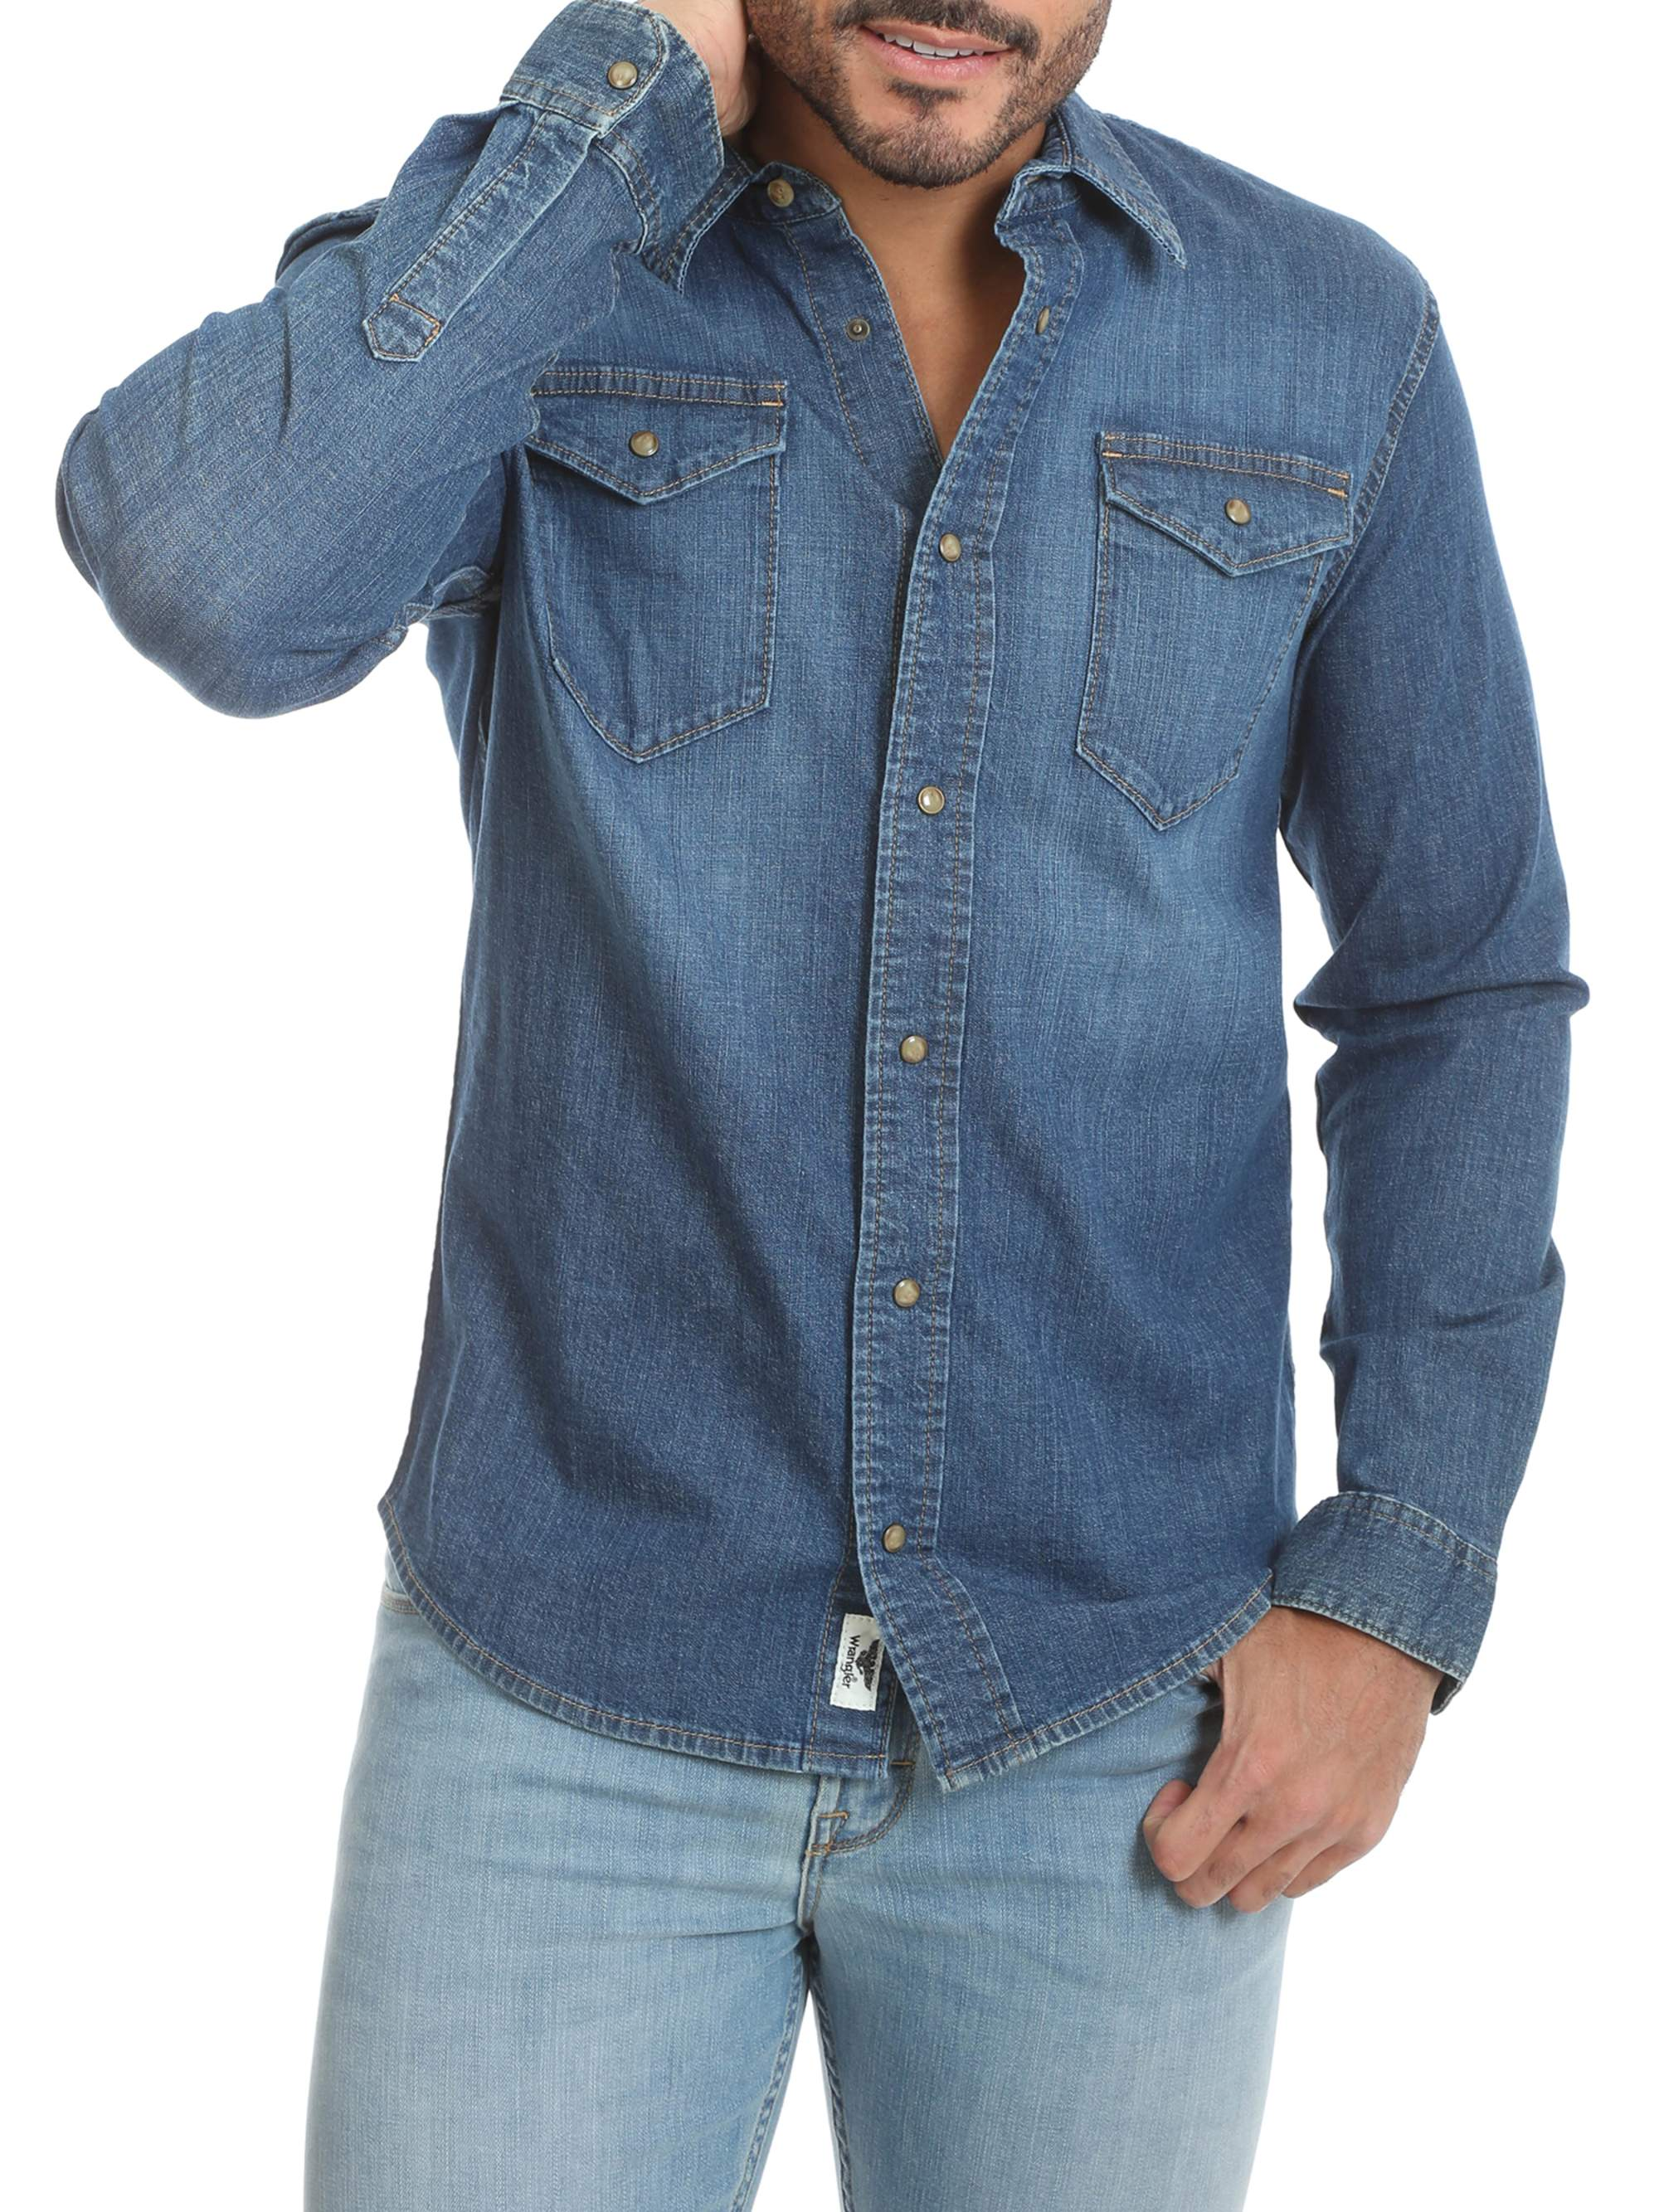 Men Denim Shirt Blue Jeans Slim Fit Clips Buttons denim t-shirts tops